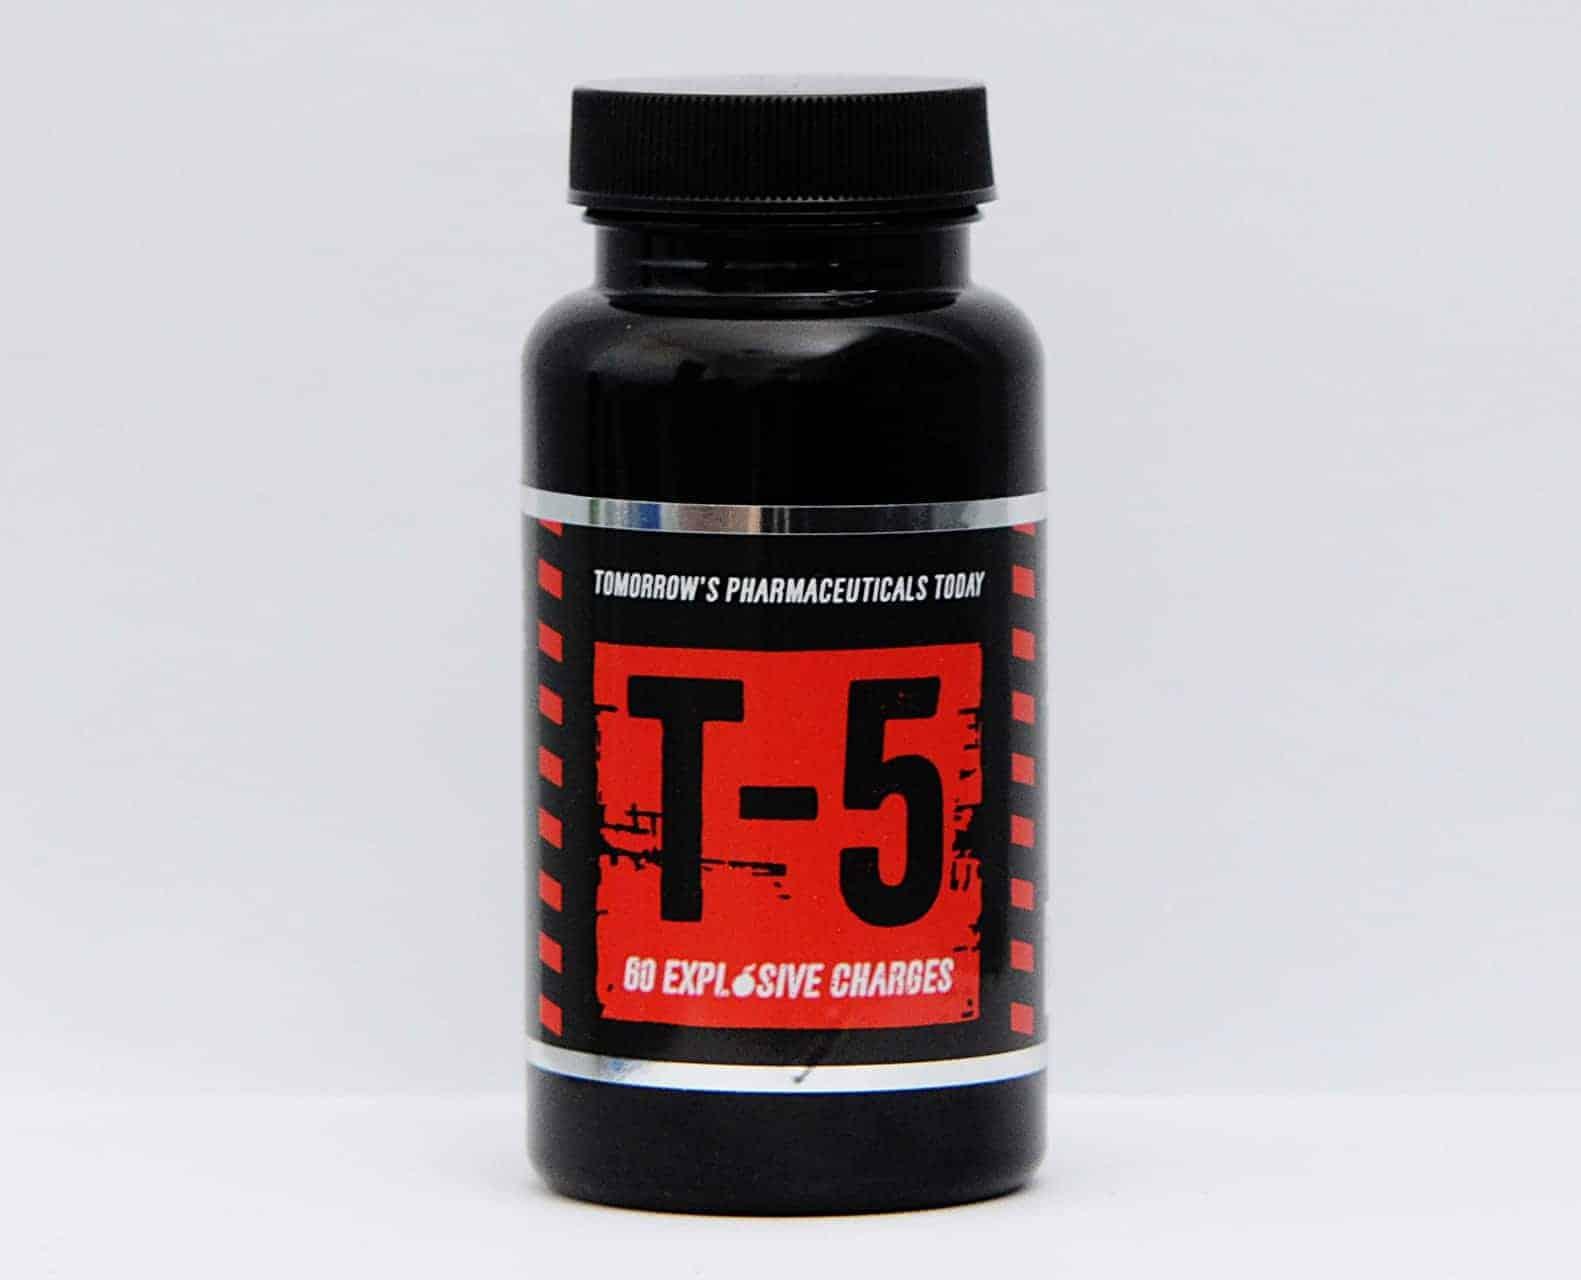 t5 arzătoare de grăsime zion labs efecte secundare pierde în greutate și se potrivește după 40 de ani